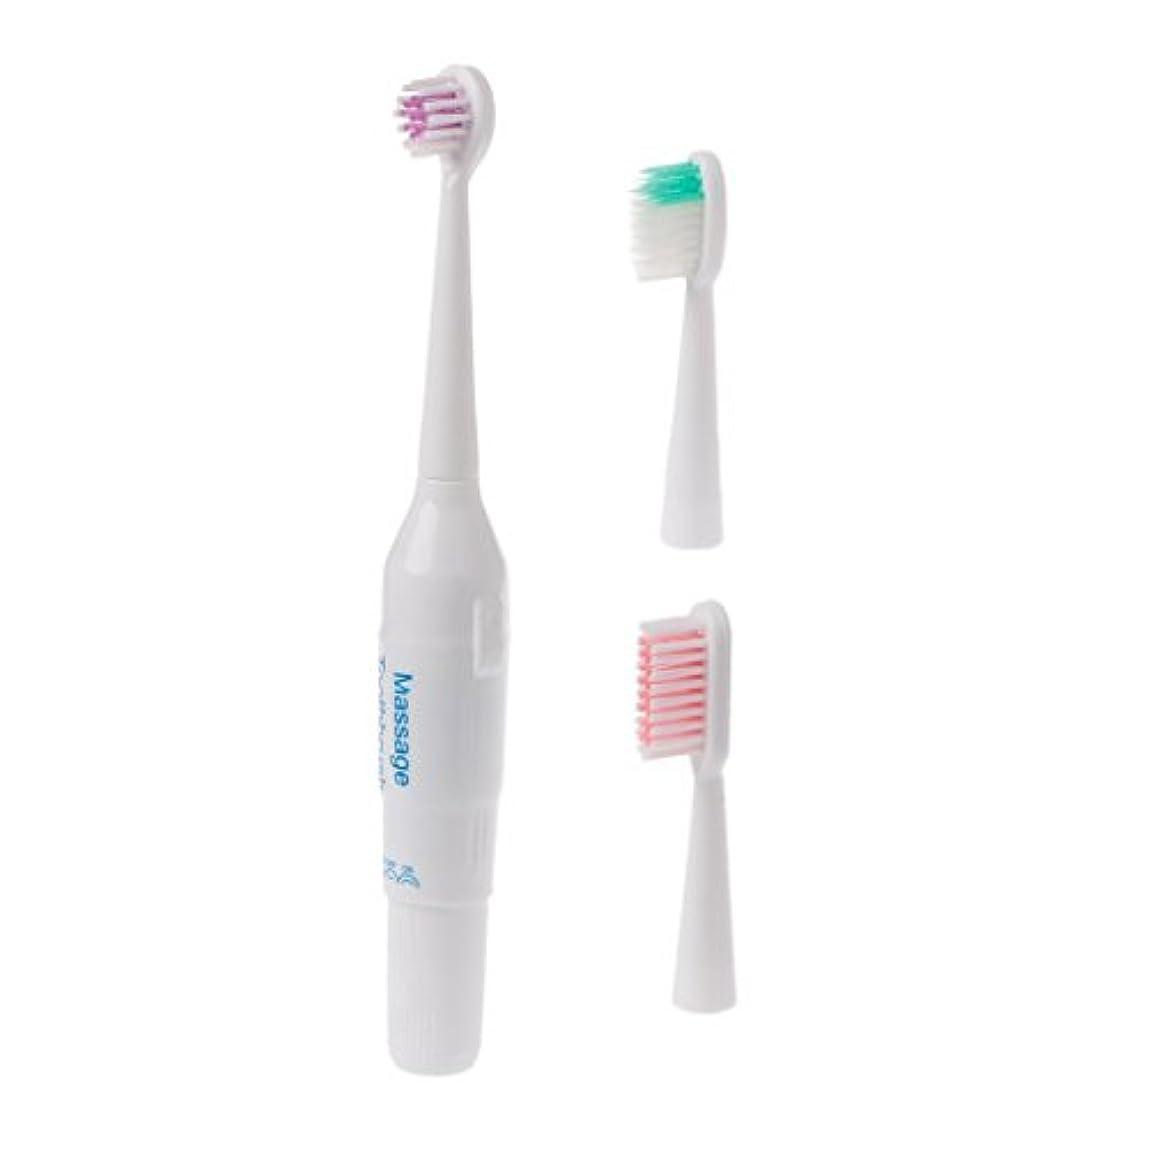 イタリアのオーバーヘッド酸化物Manyao キッズプロフェッショナル口腔ケアクリーン電気歯ブラシパワーベビー用歯ブラシ